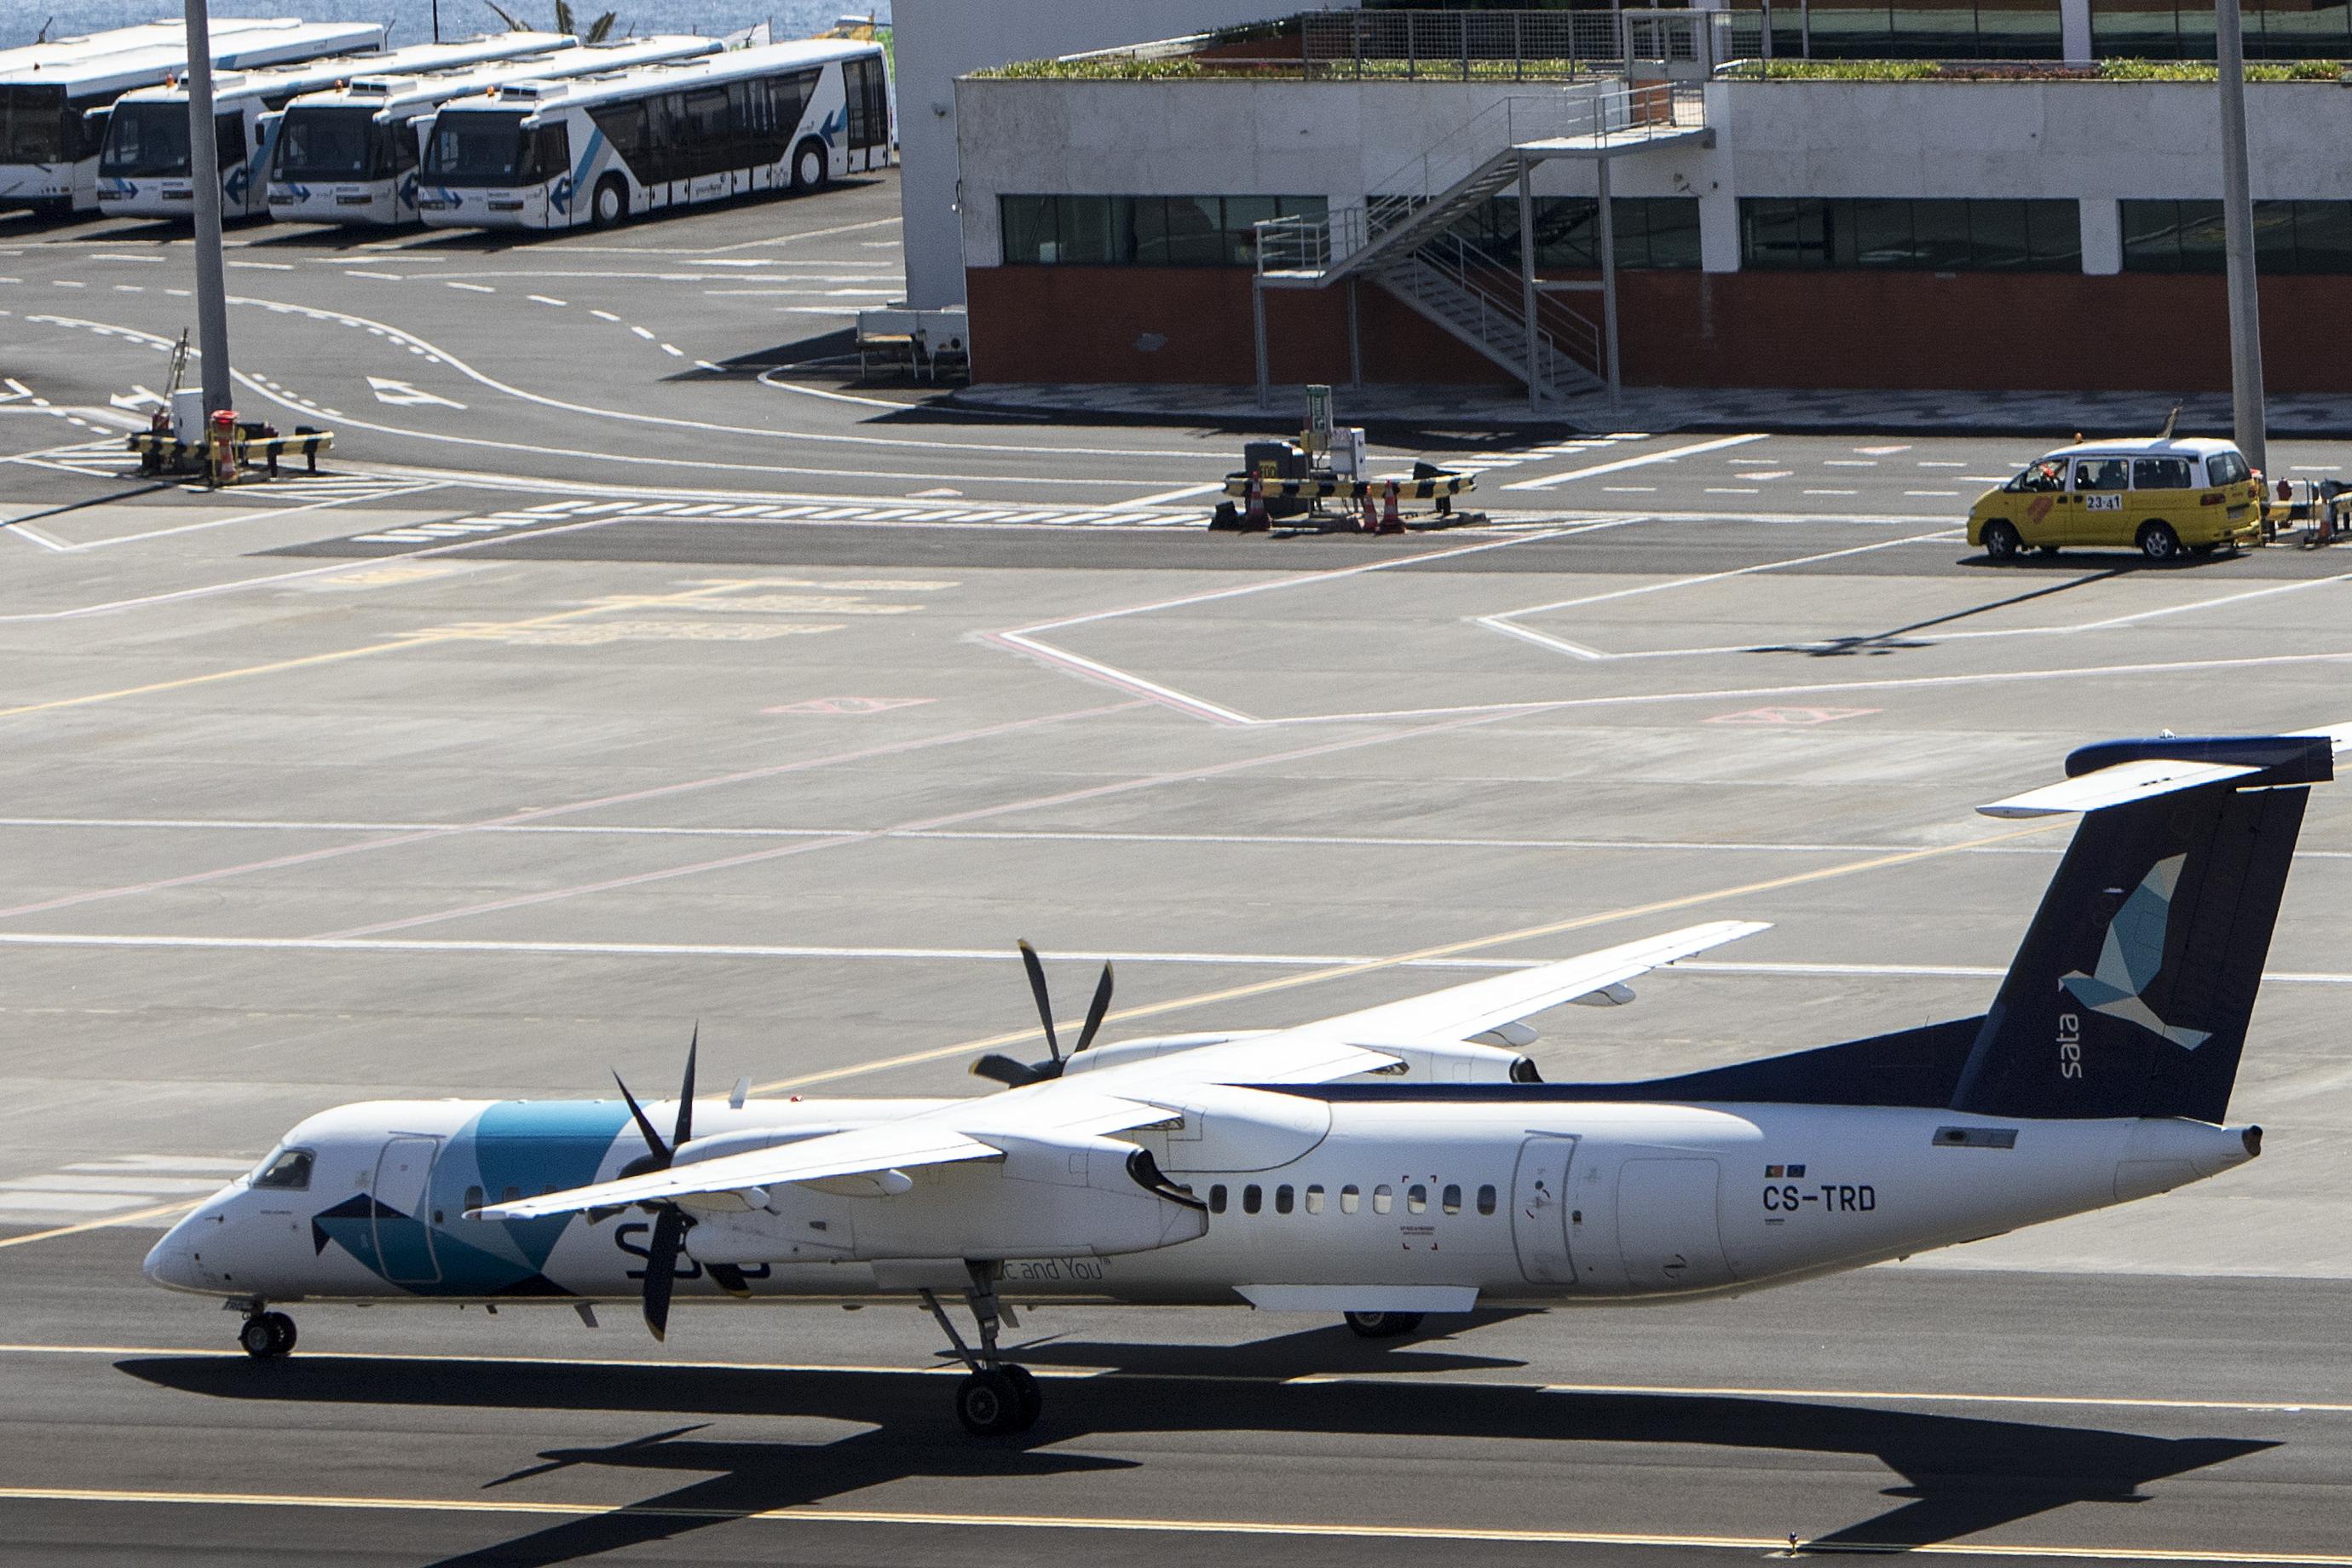 Técnicos de manutenção da SATA Air Açores em greve entre 21 e 23 de dezembro